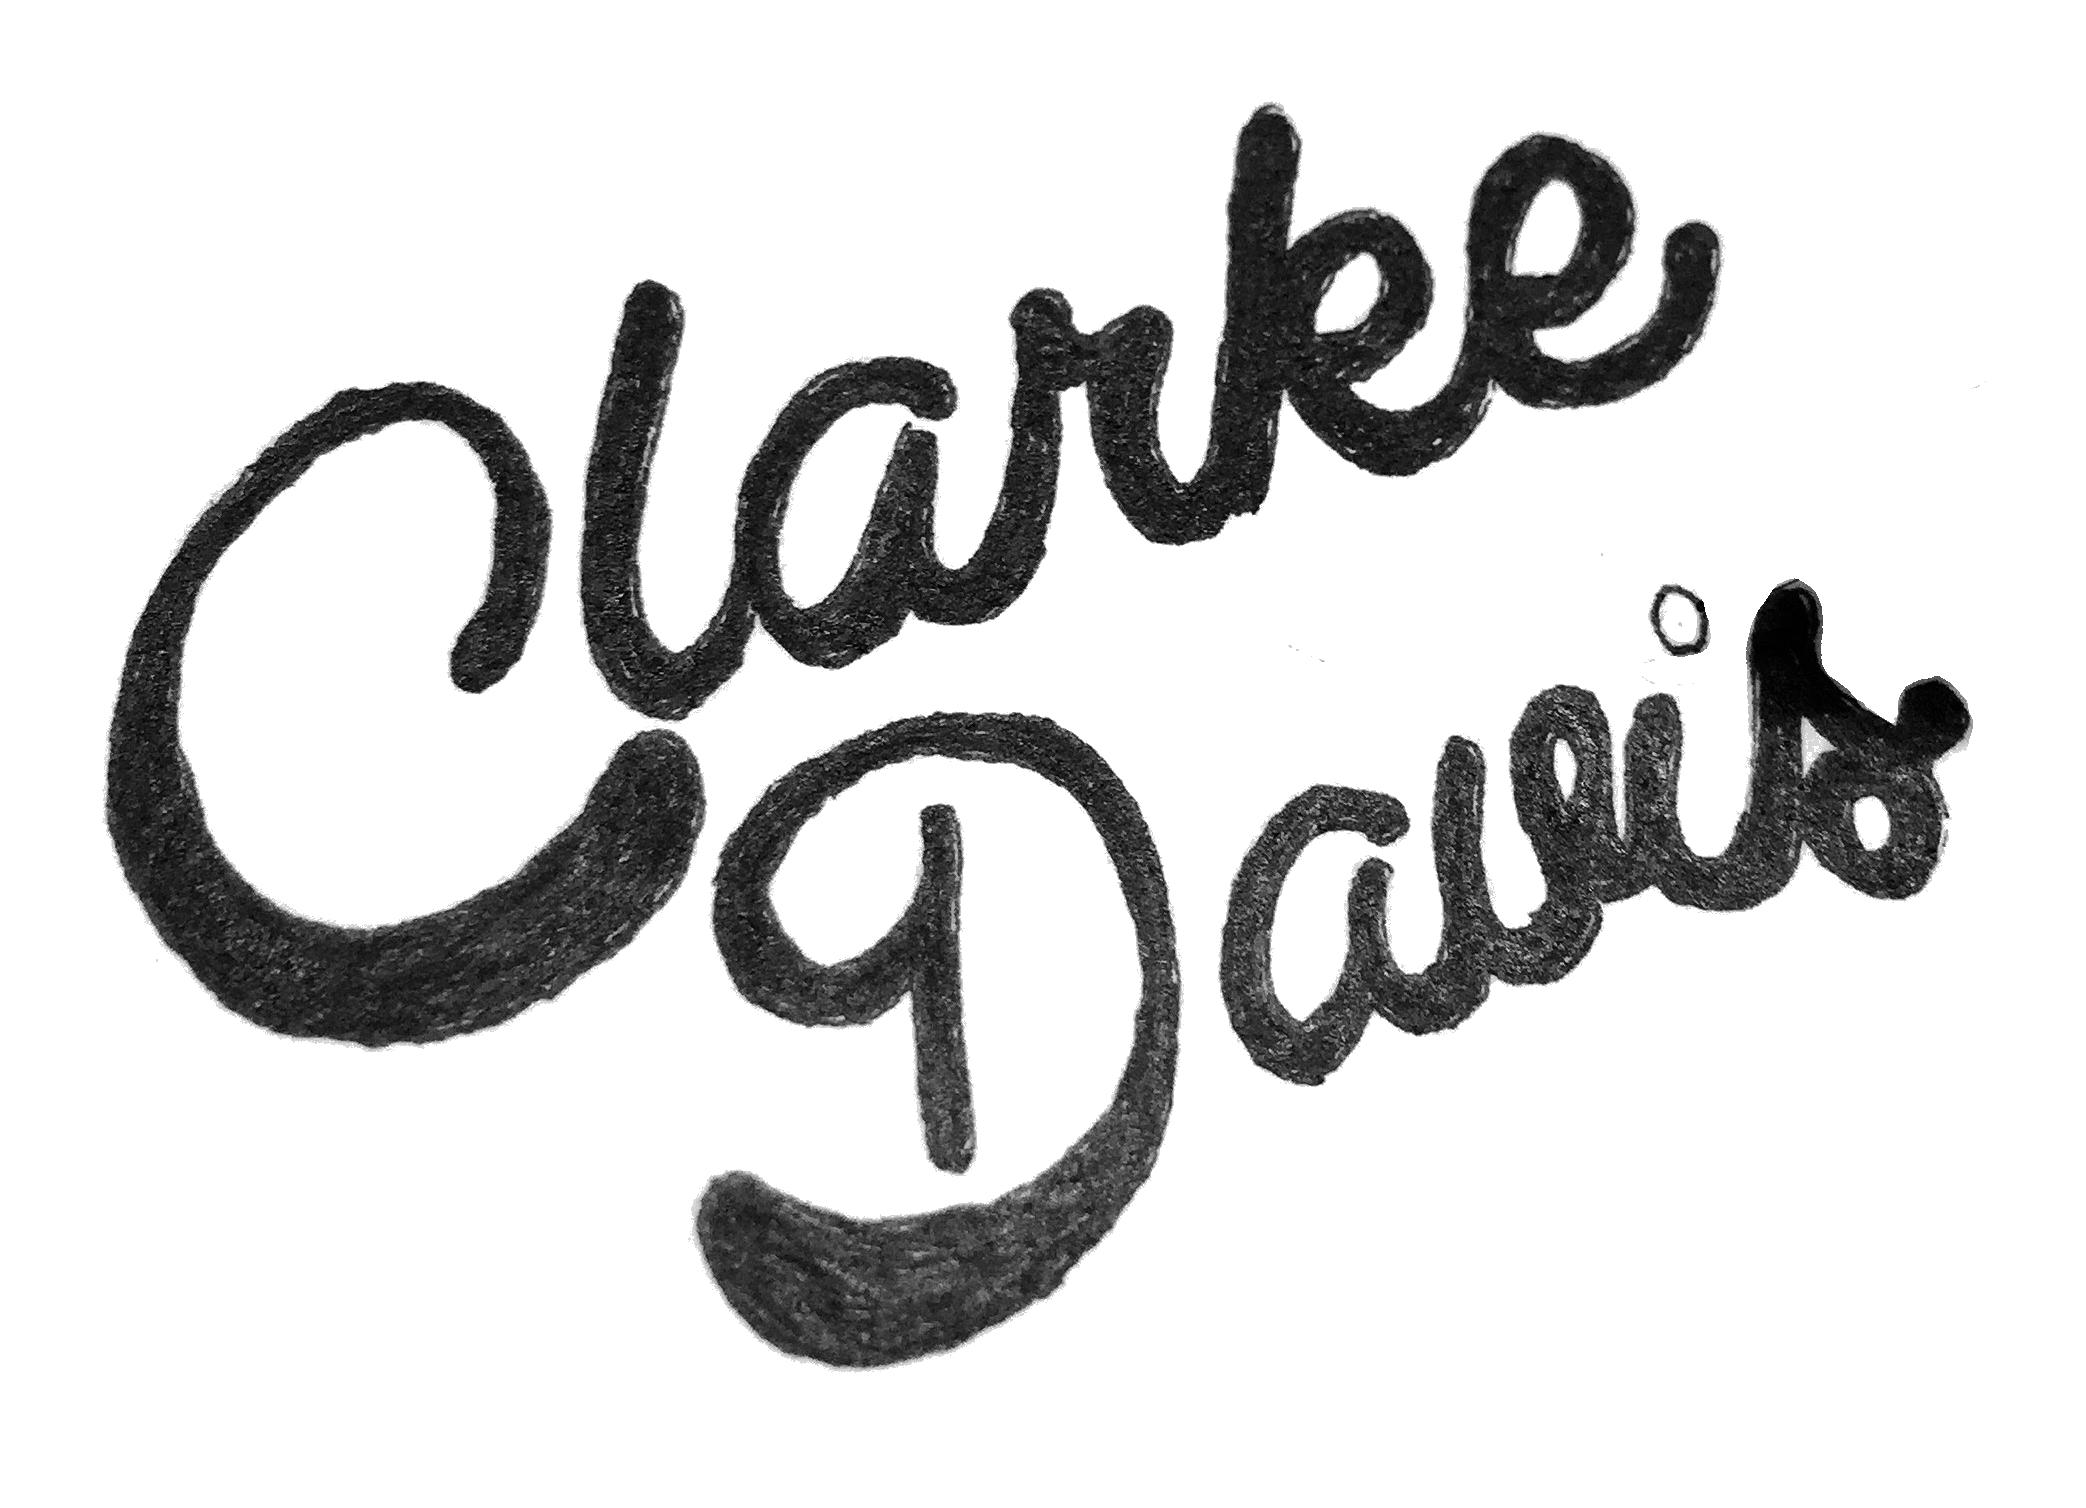 Clarke Davis